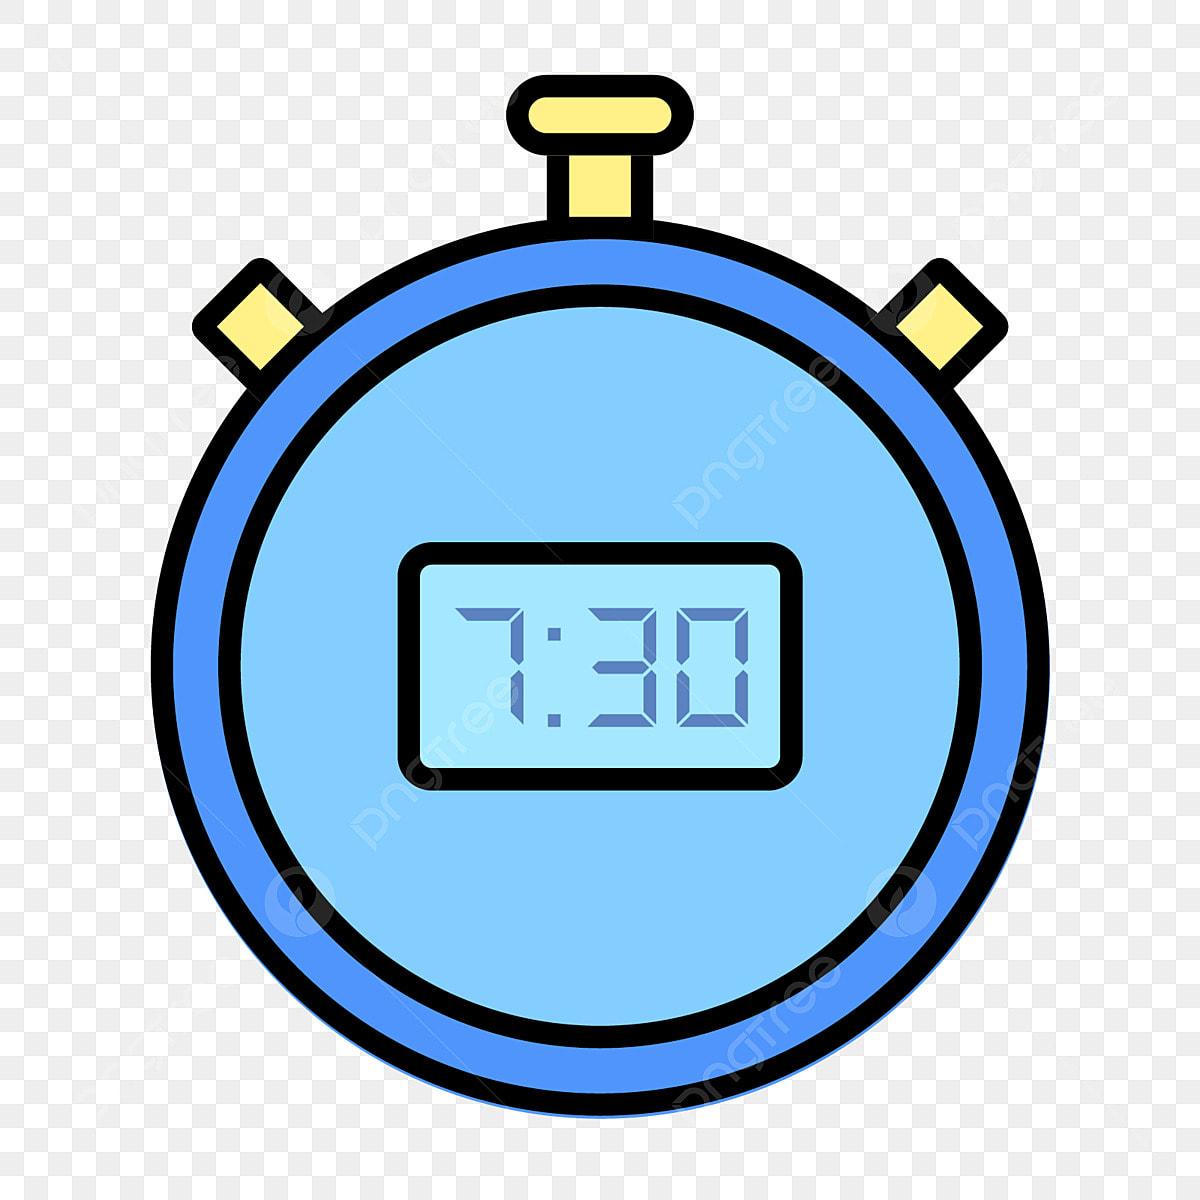 un chronom u00e8tre de vecteur graphique vectoriel logo logo